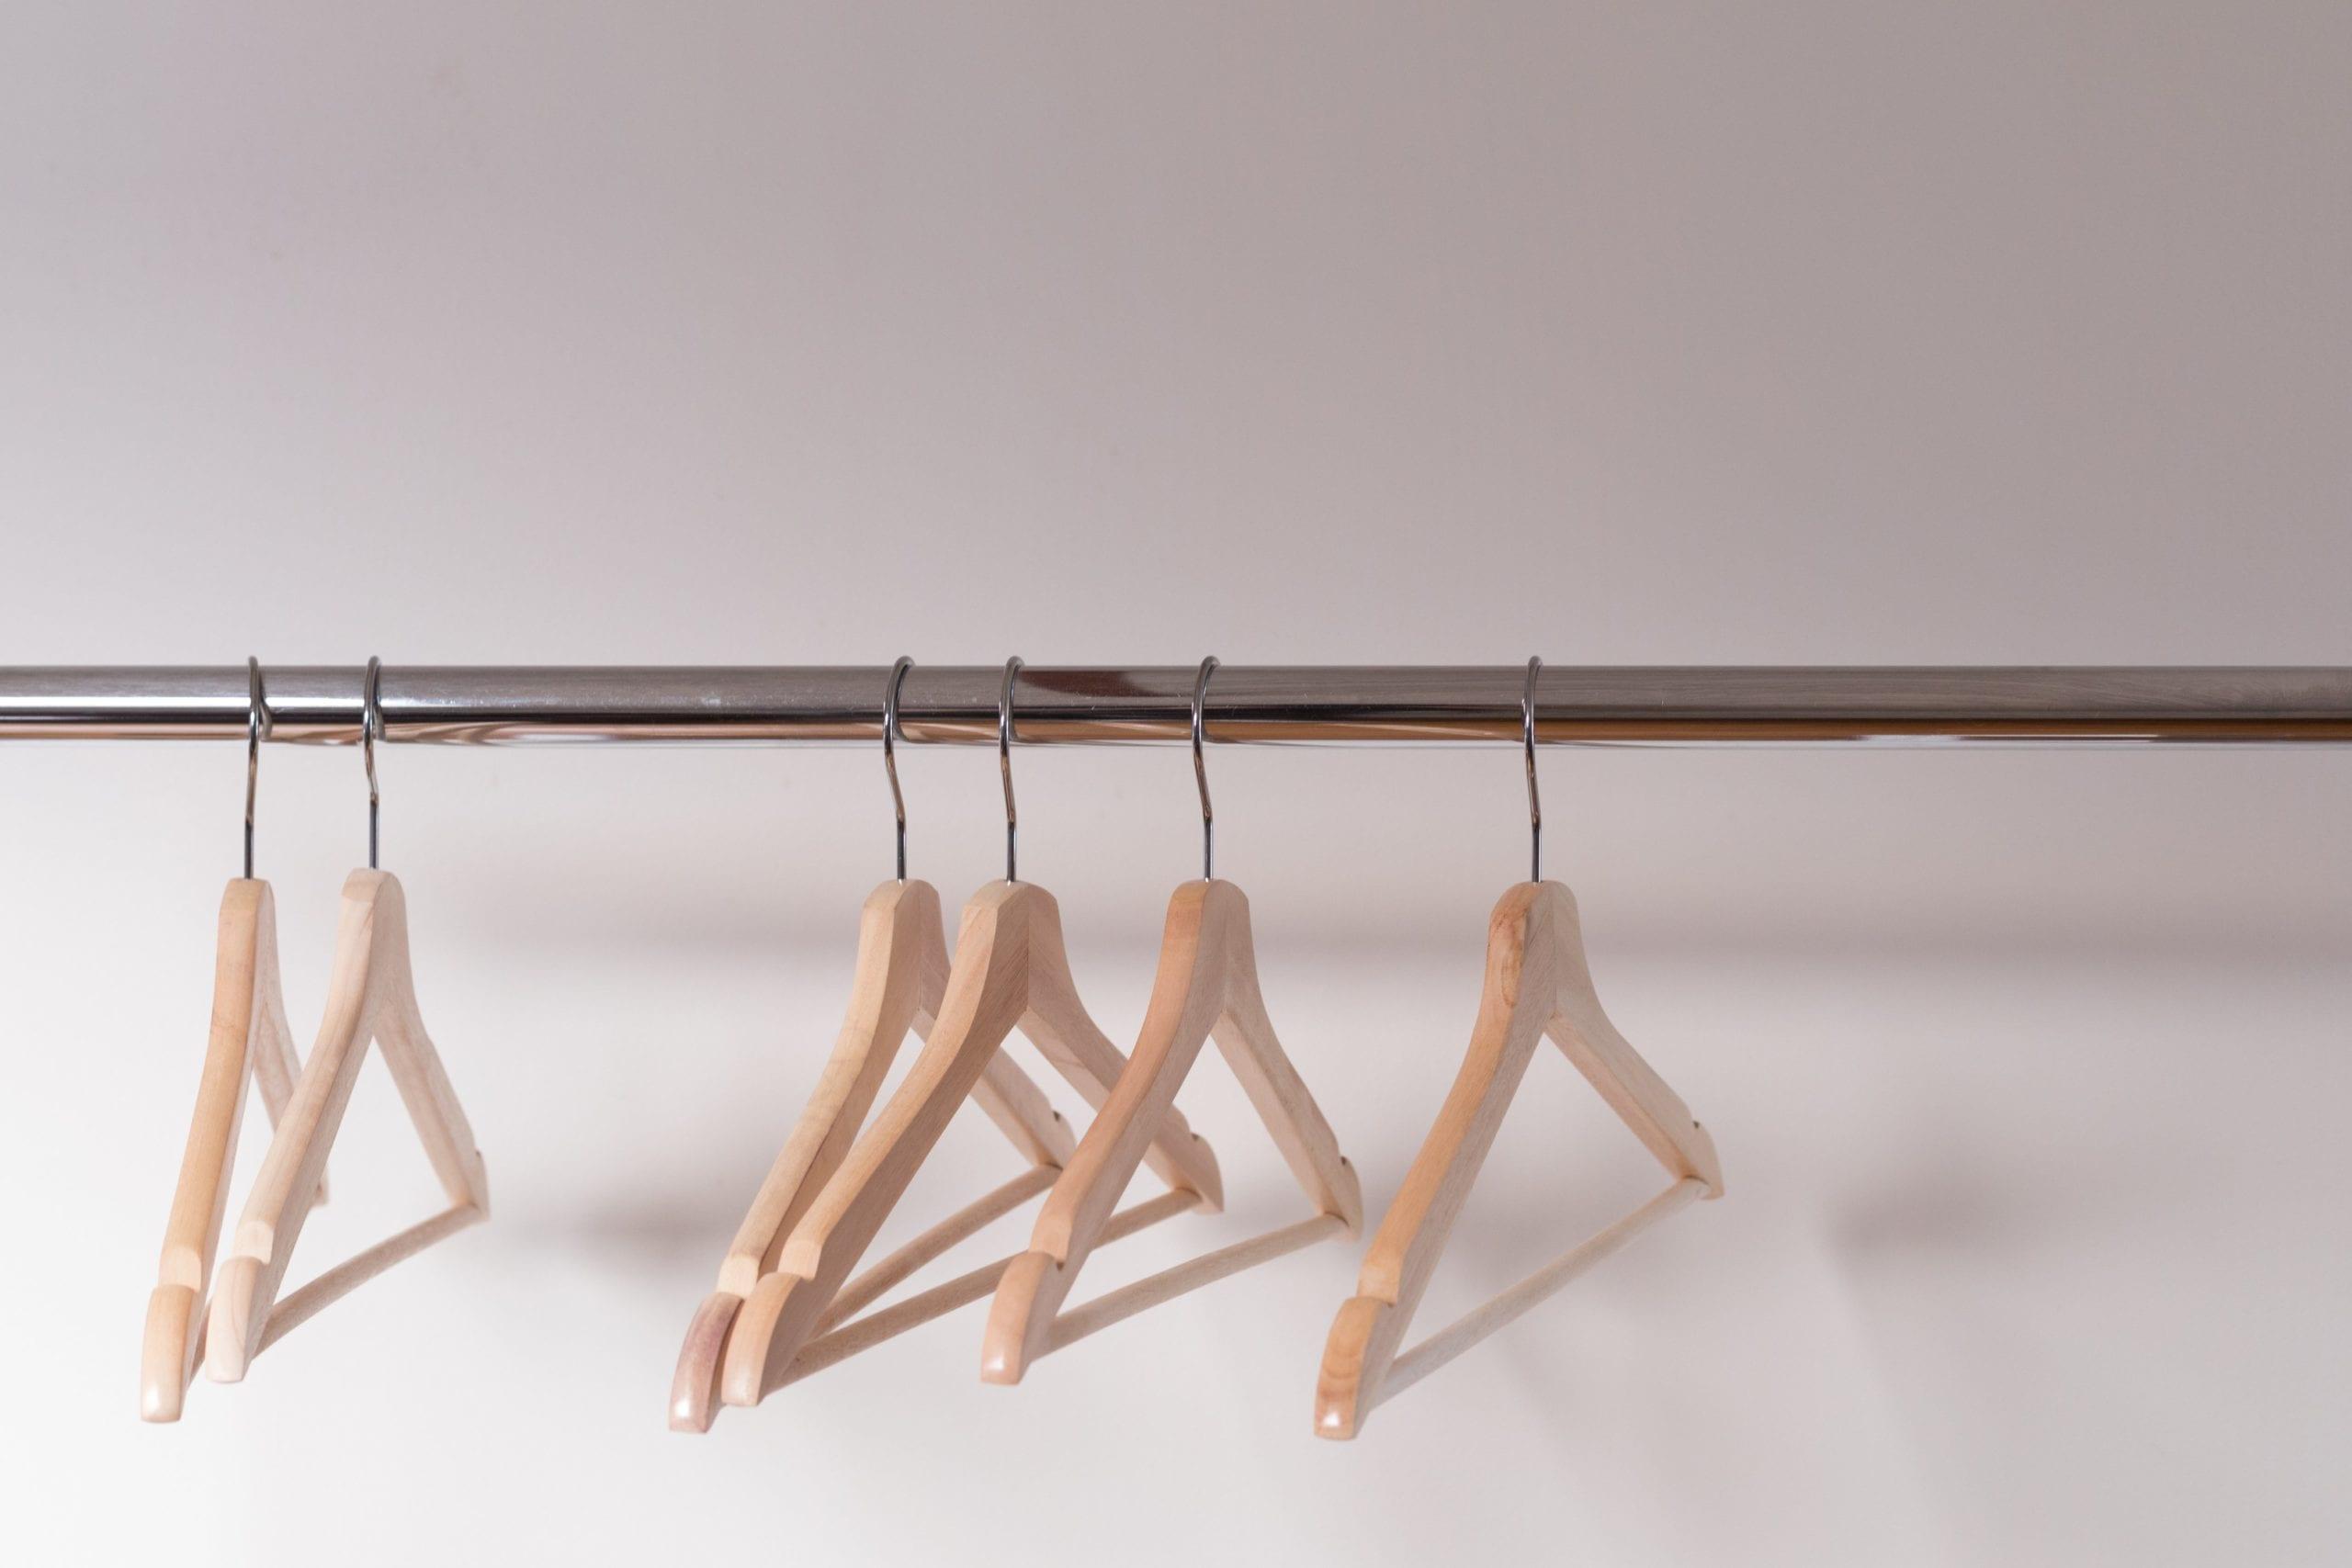 Empty wooden hangers on rack